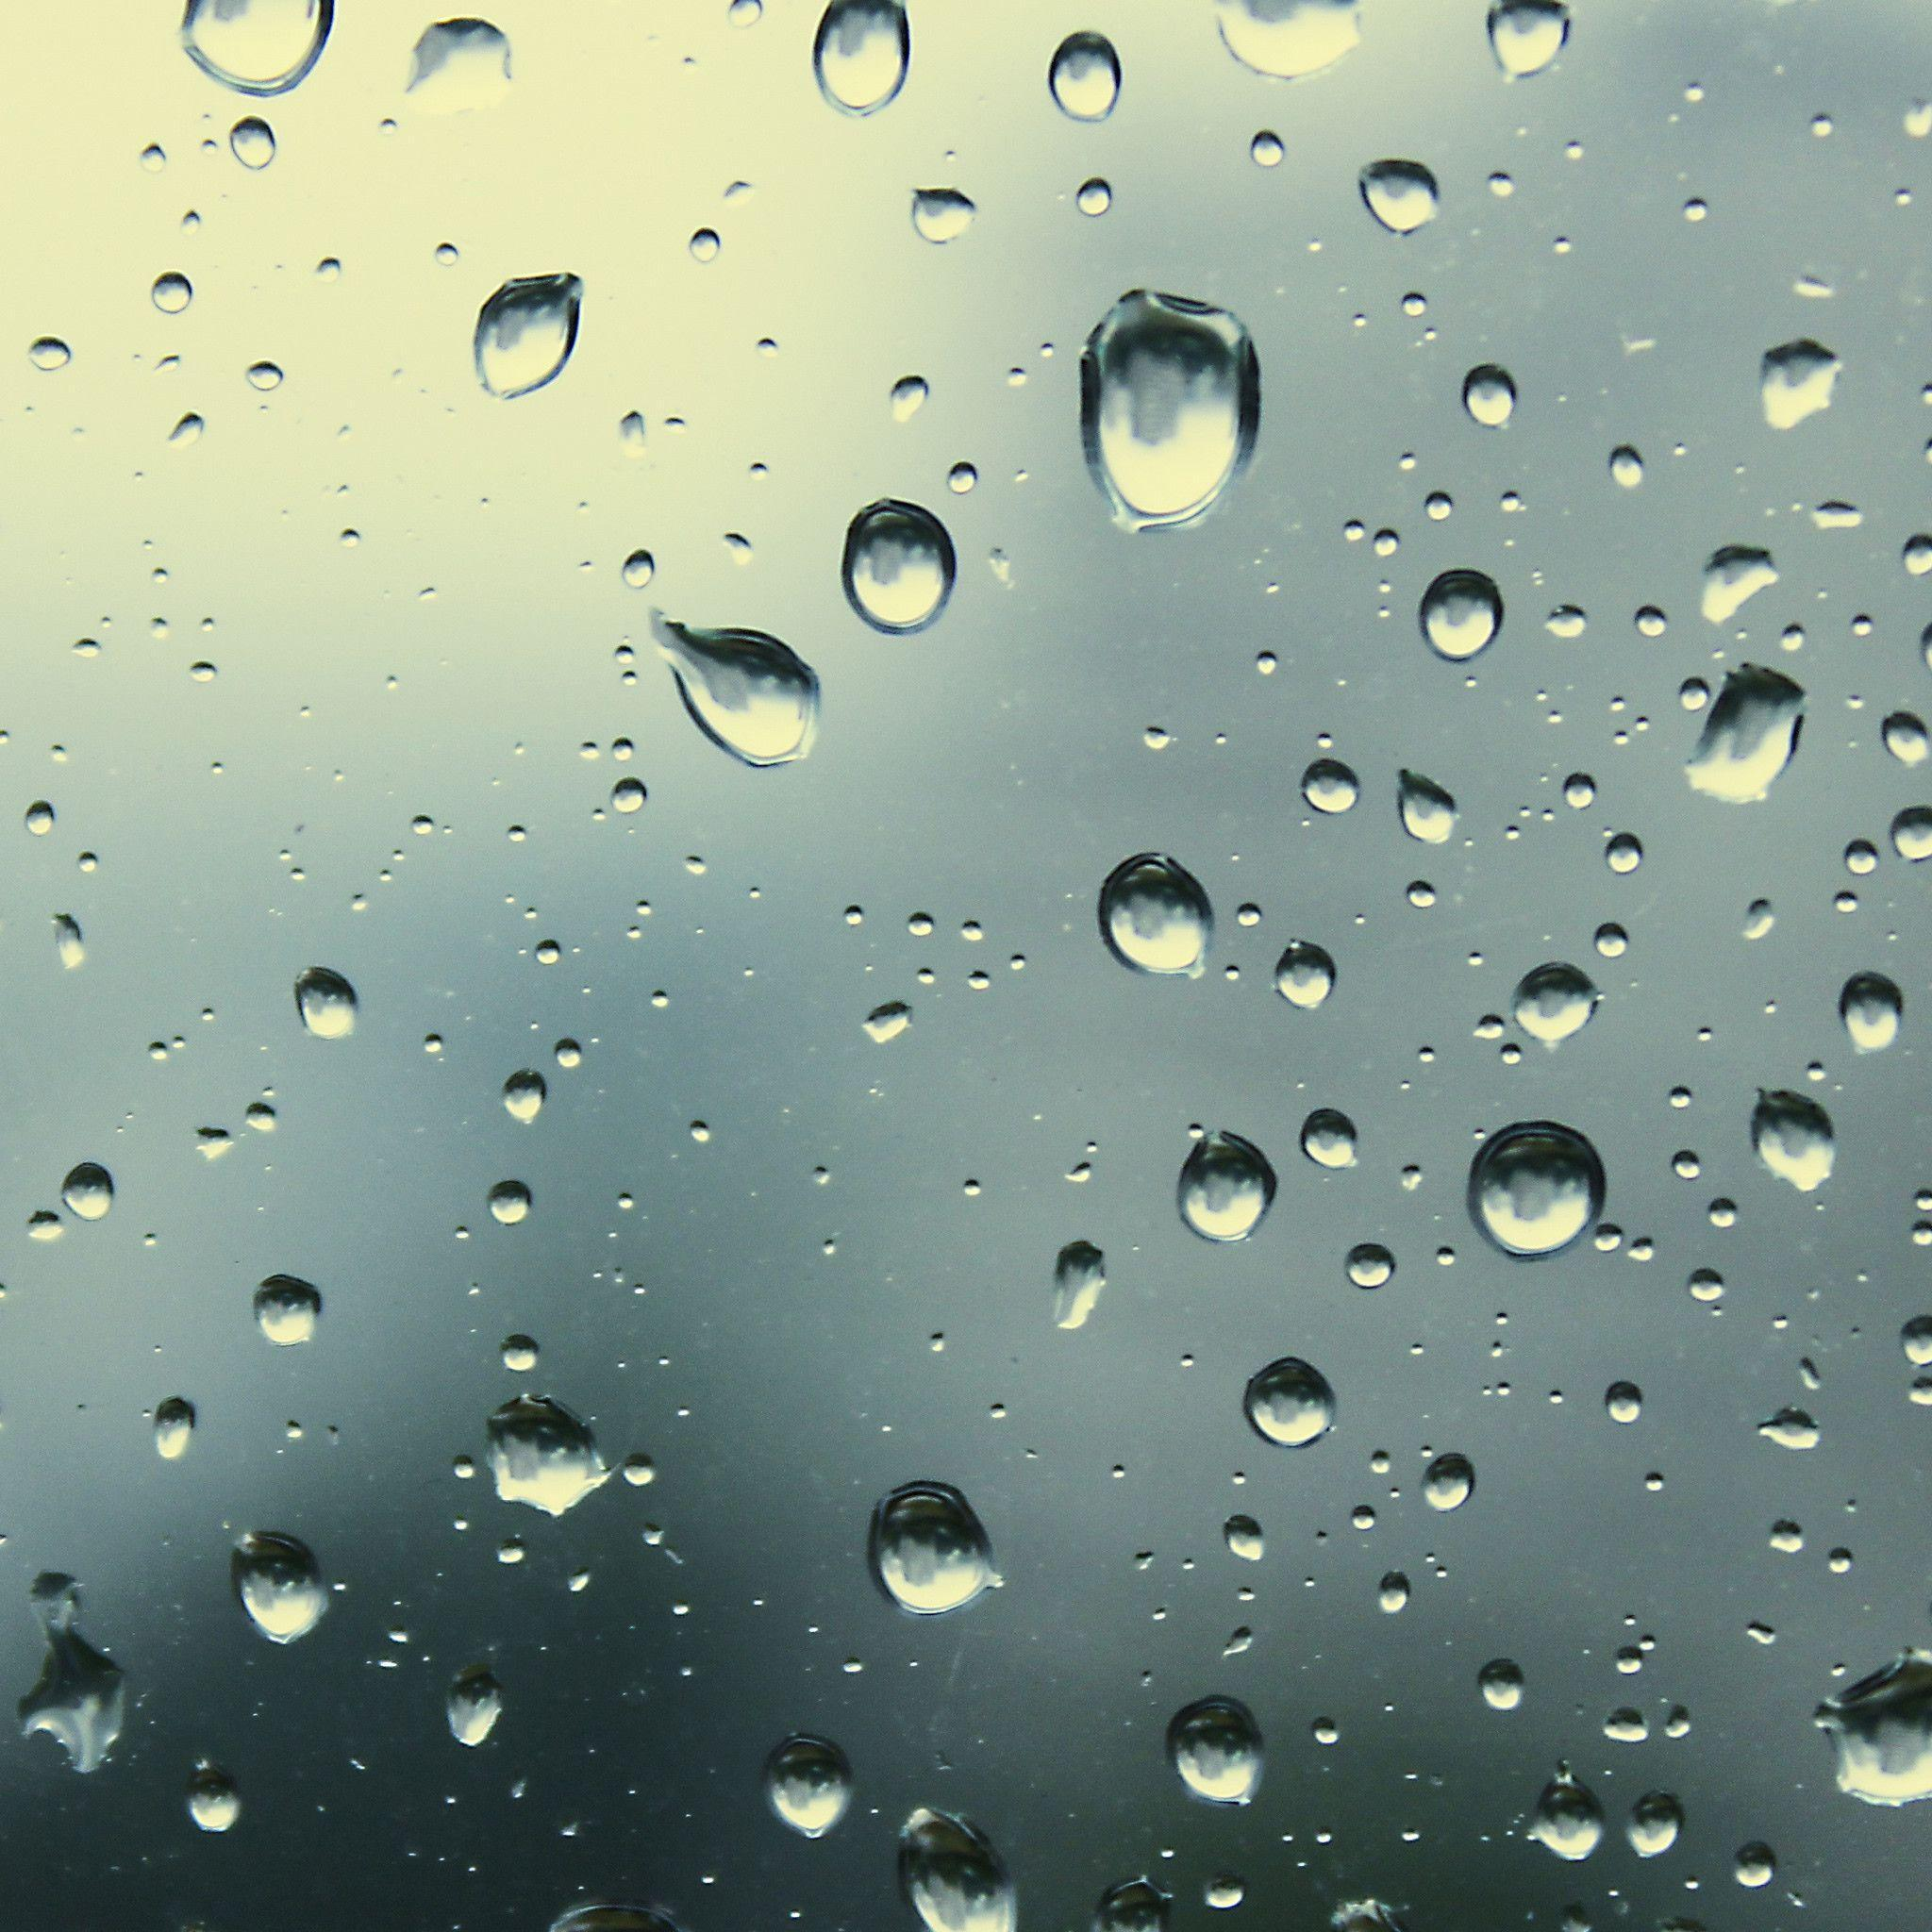 Raindrops Live Wallpaper: Download Raindrops Wallpaper Download Gallery